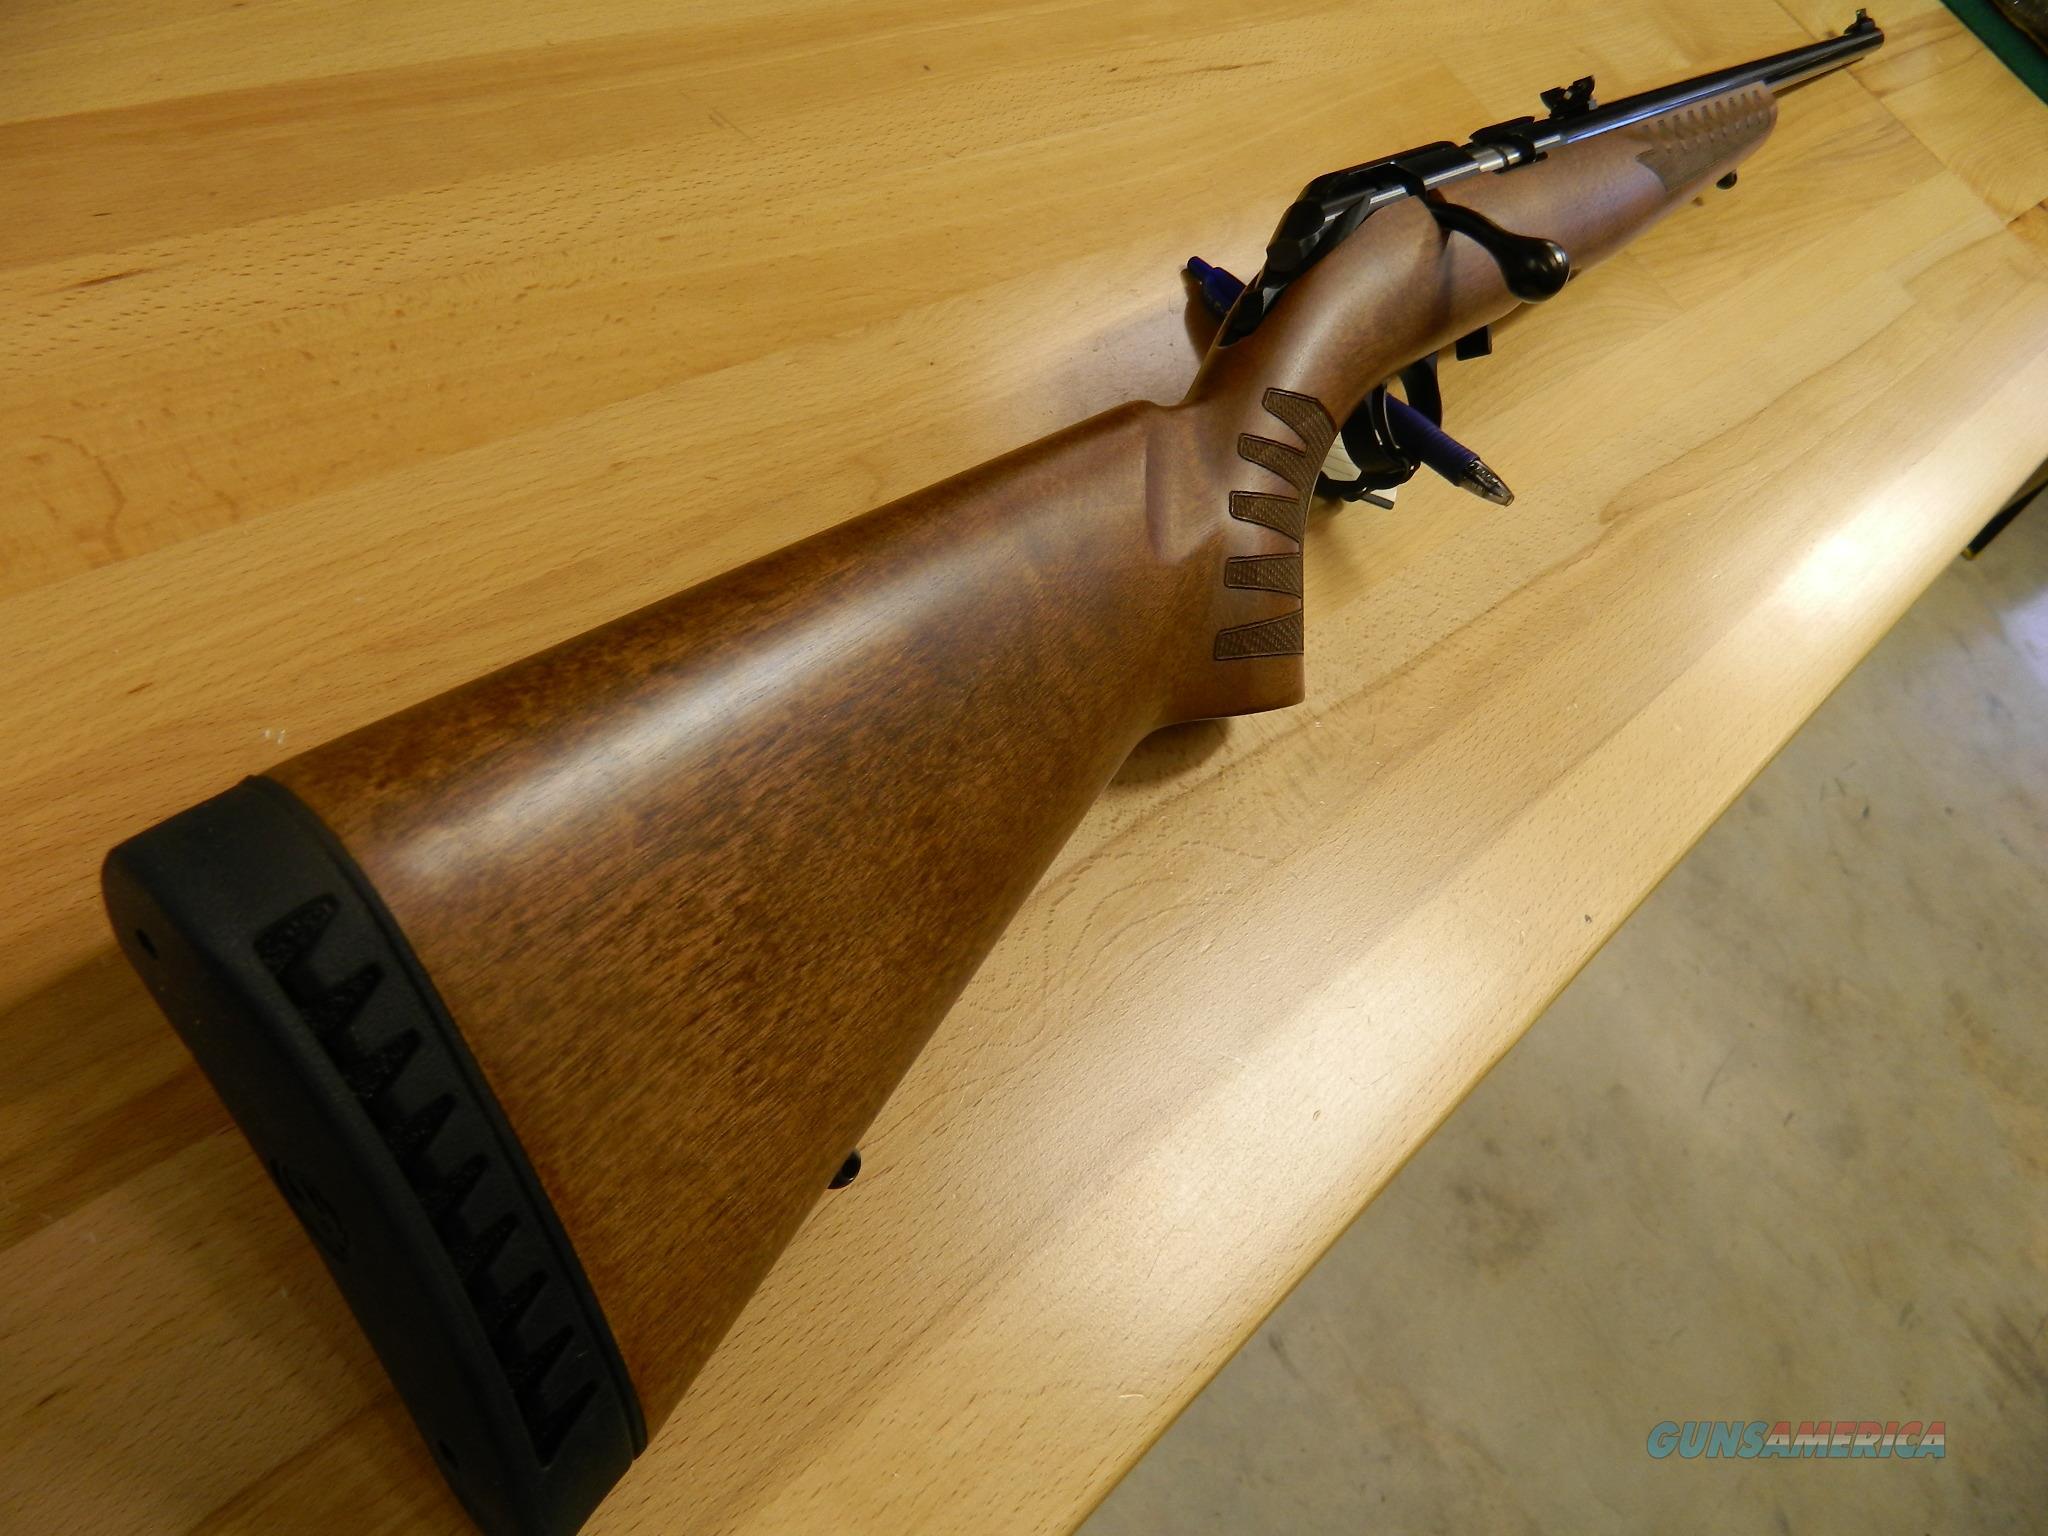 Ruger American Wood stock 22 inch barrel NIB 22lr  Guns > Rifles > Ruger Rifles > American Rifle